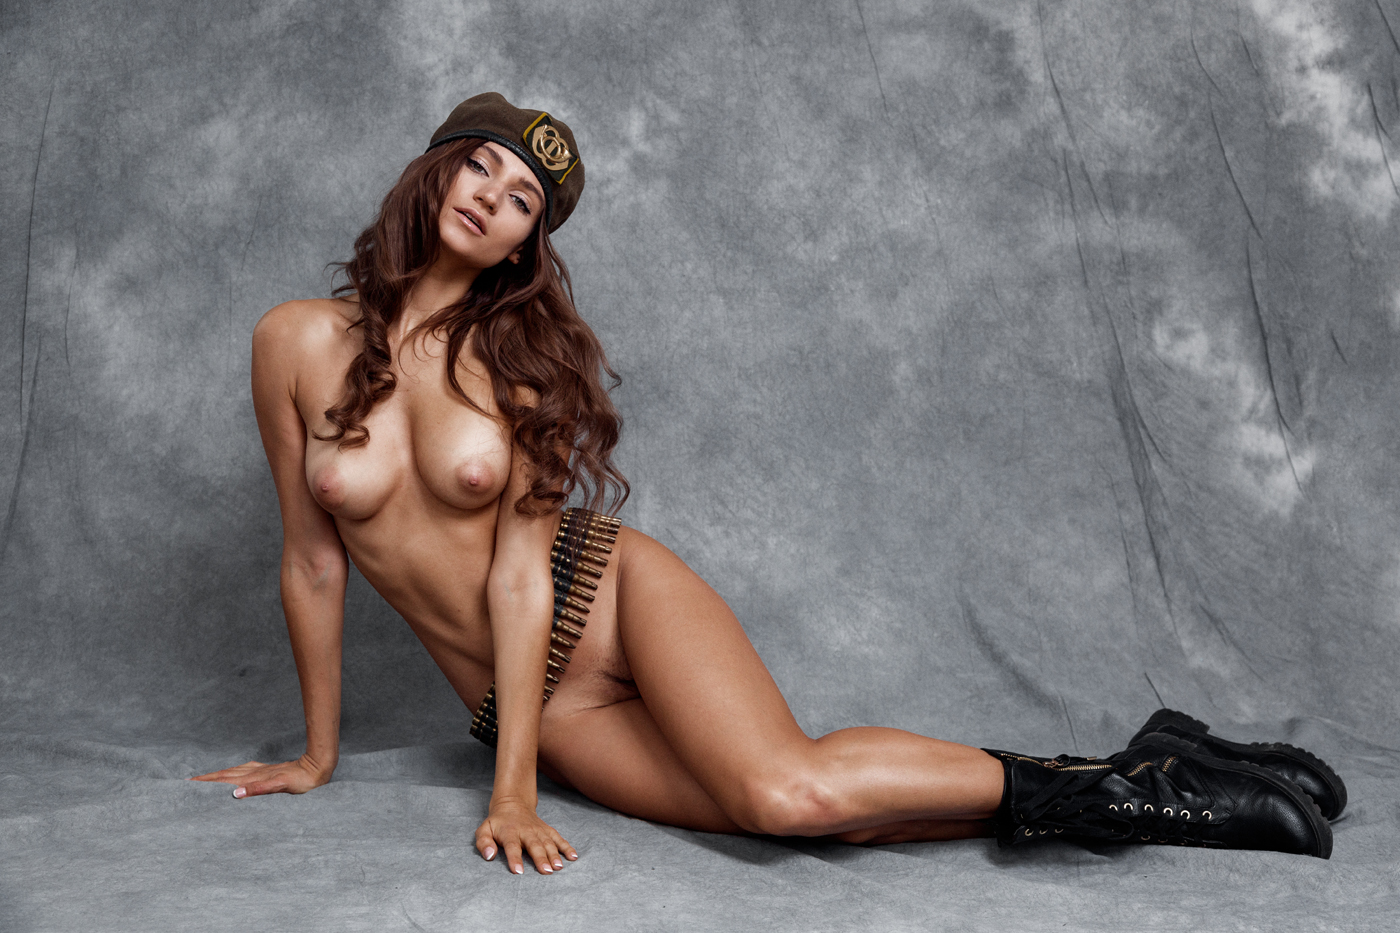 Ilvy kokomo naked pics naked (36 photos), Boobs Celebrites image